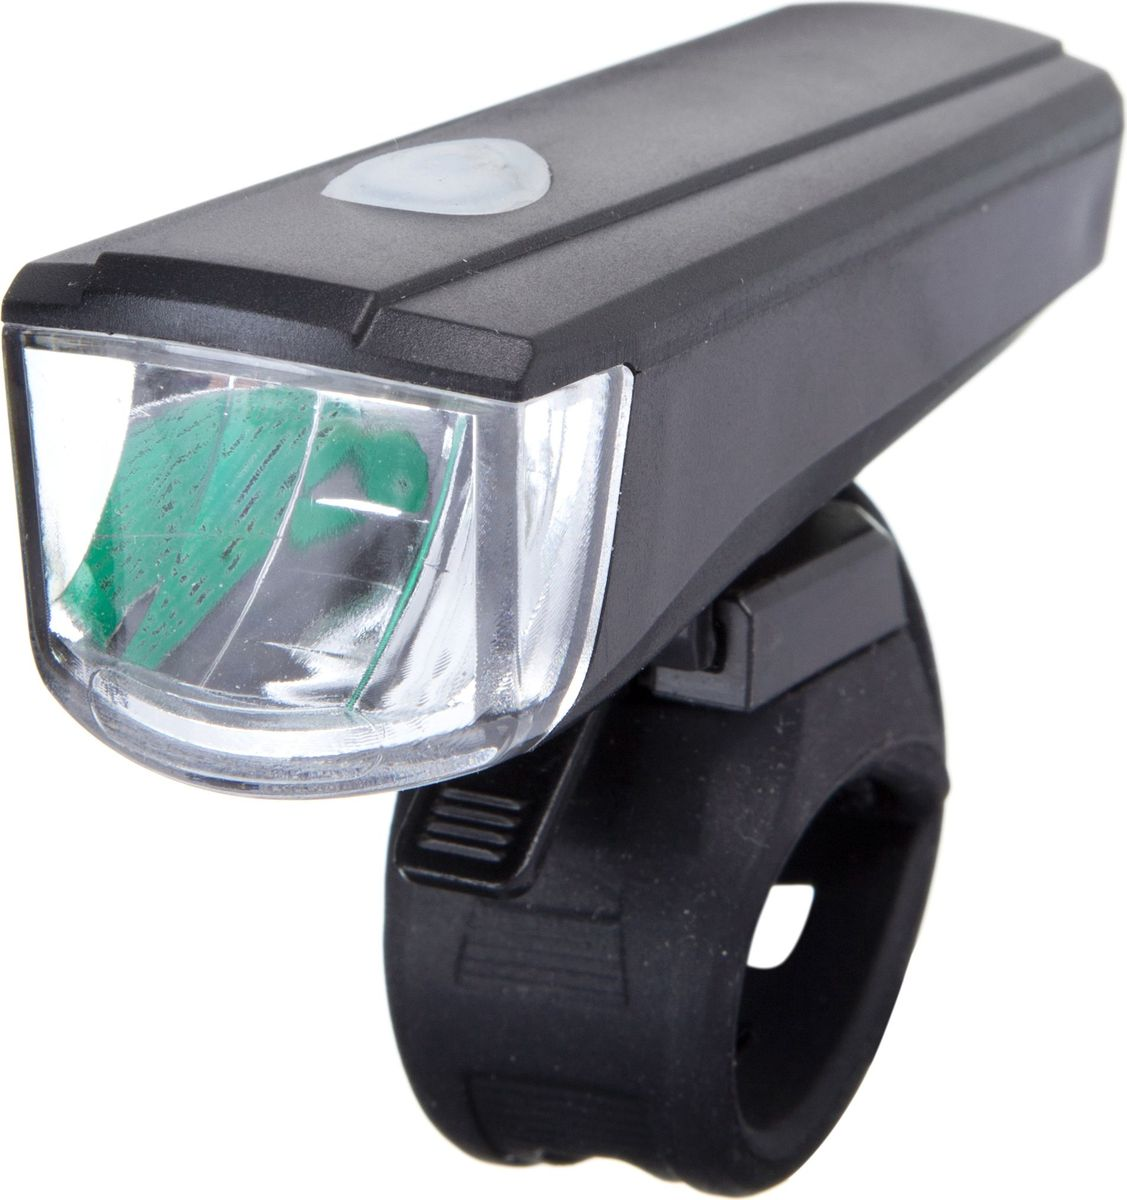 Фонарь велосипедный STG JY7036, переднийХ81480Легкий и компактный передний фонарь STG JY7036 позволит вам без опаски кататься ночью и при плохой видимости на дорогах. Изделие выполнено из прочного пластика и металла, имеет 2 режима работы. В качестве элементов питания используются 3 батарейки ААА.